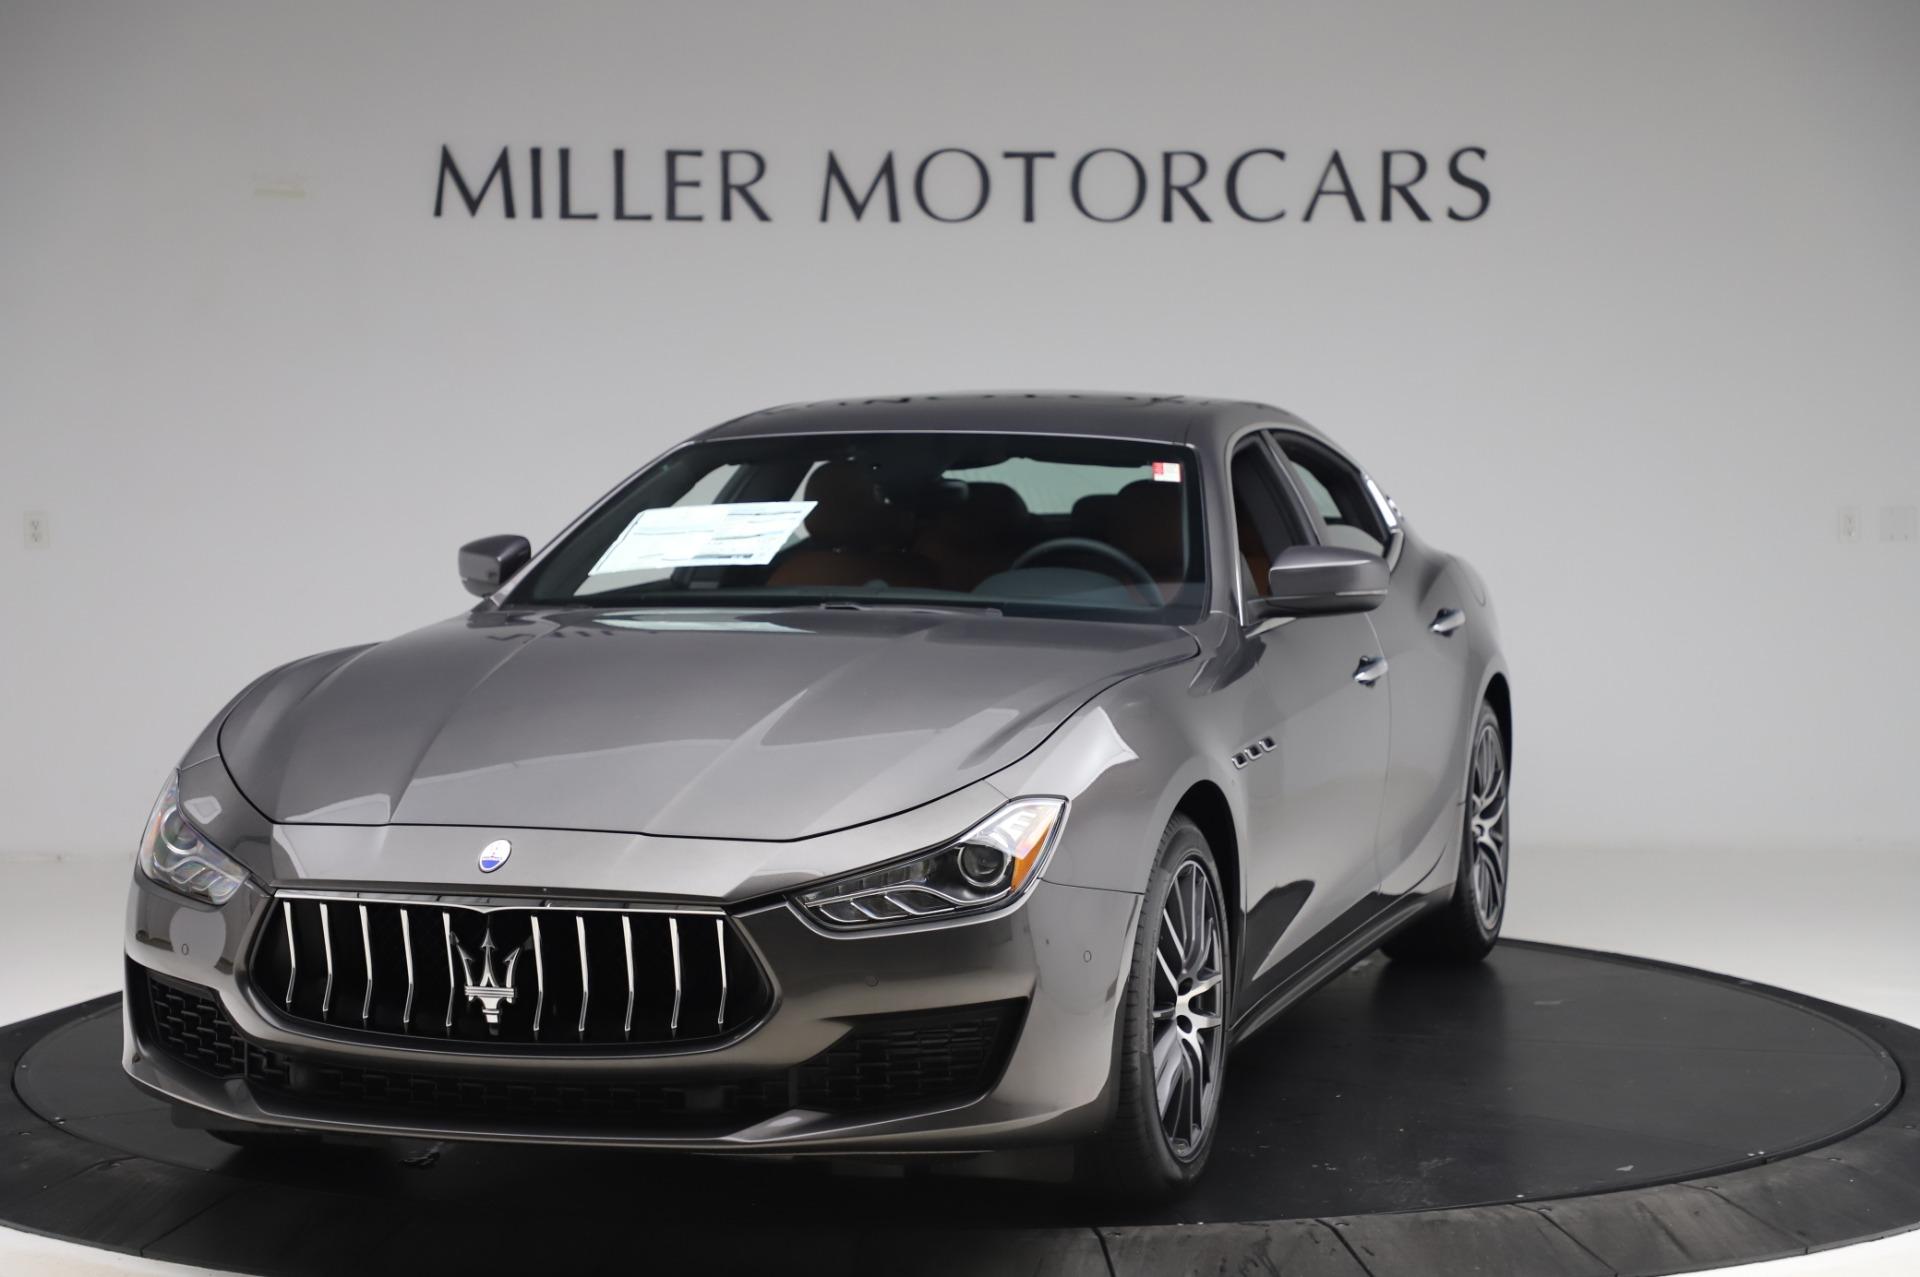 New 2020 Maserati Ghibli S Q4 for sale $82,385 at Bugatti of Greenwich in Greenwich CT 06830 1